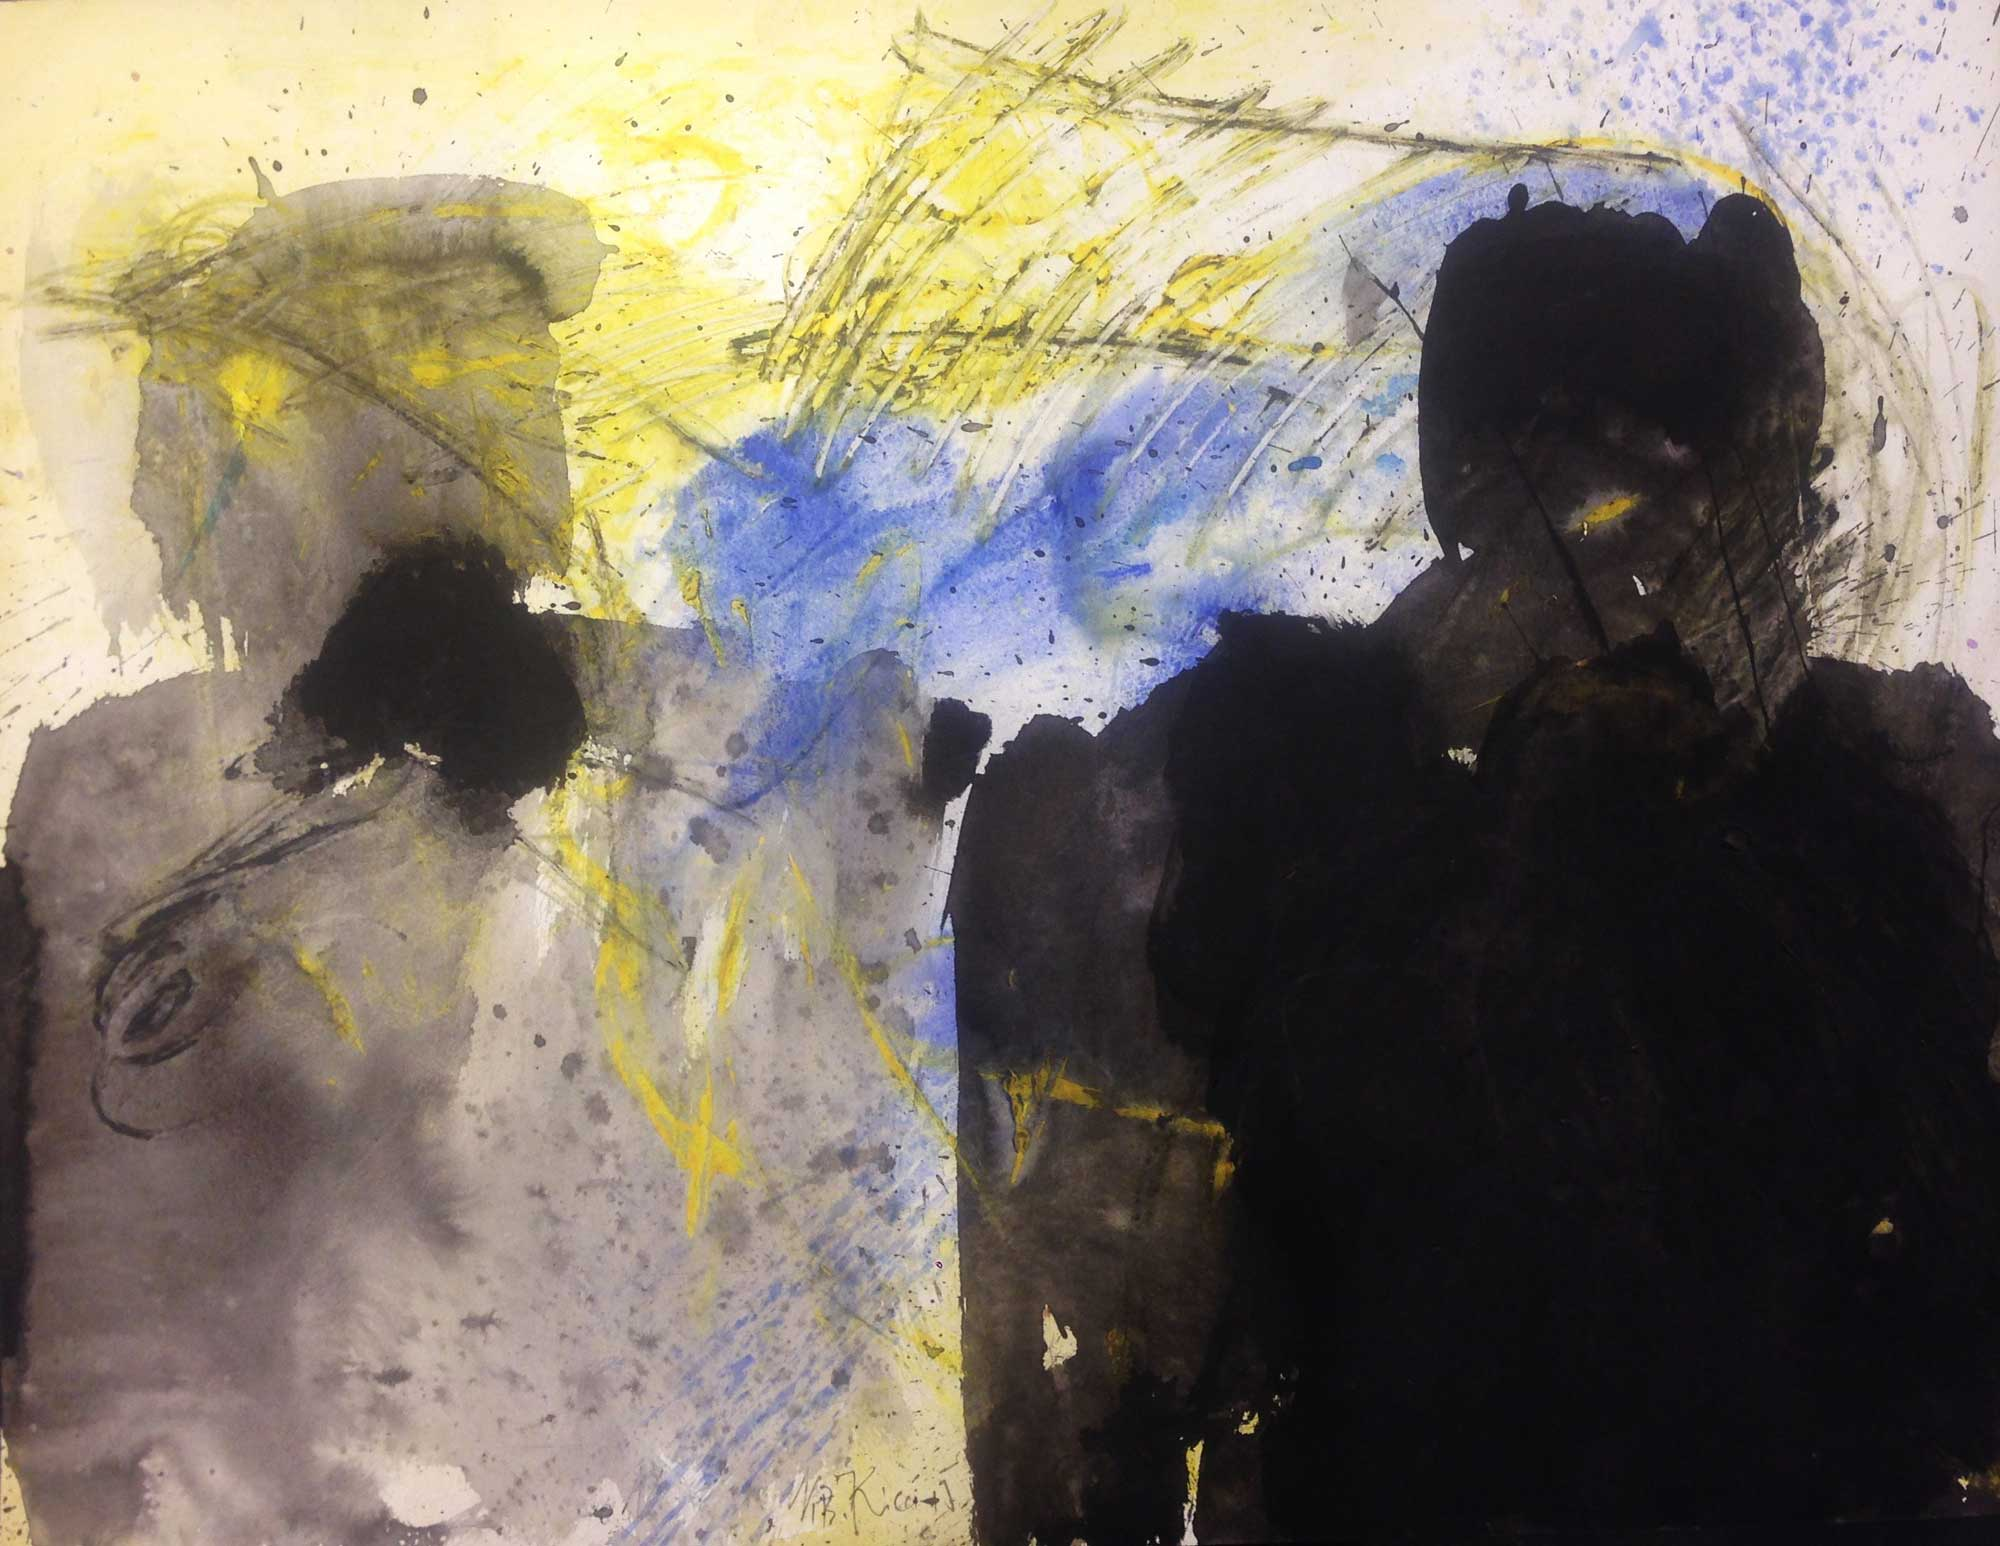 Nevzat Bejtuli KICA (1962) Macedonia, Dialogue, 2015, Mixed media, 50 x 65 cm